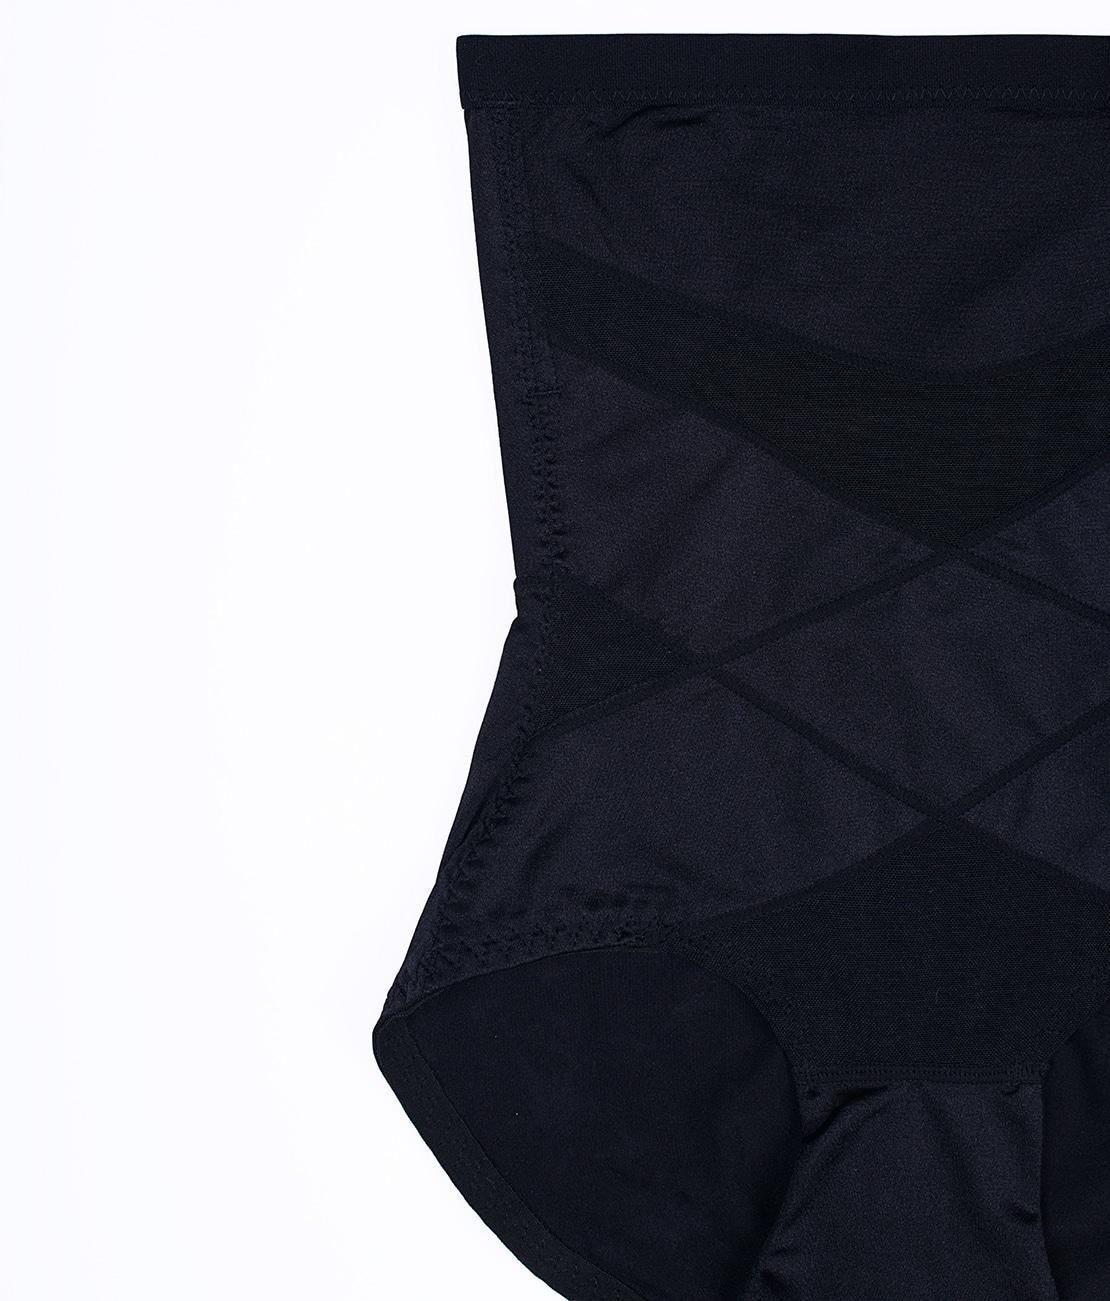 Culotte gainante soyeuse Noire Detail 3